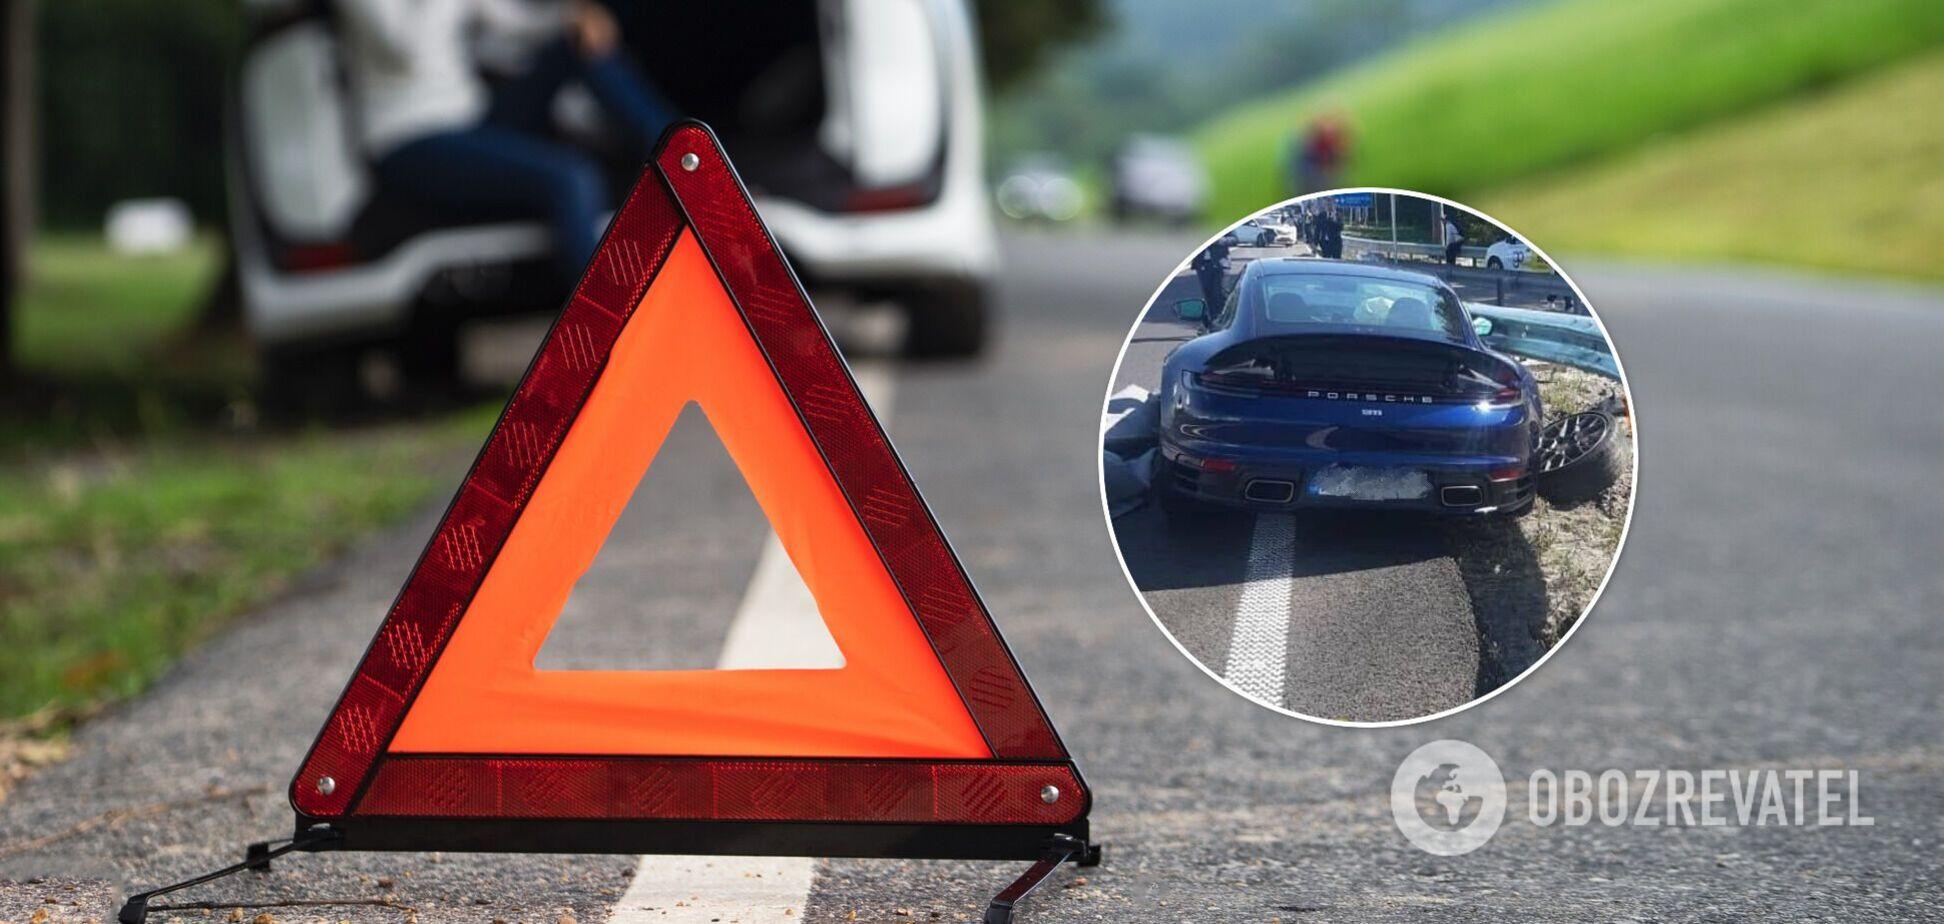 В момент аварии водители автомобилей были трезвыми